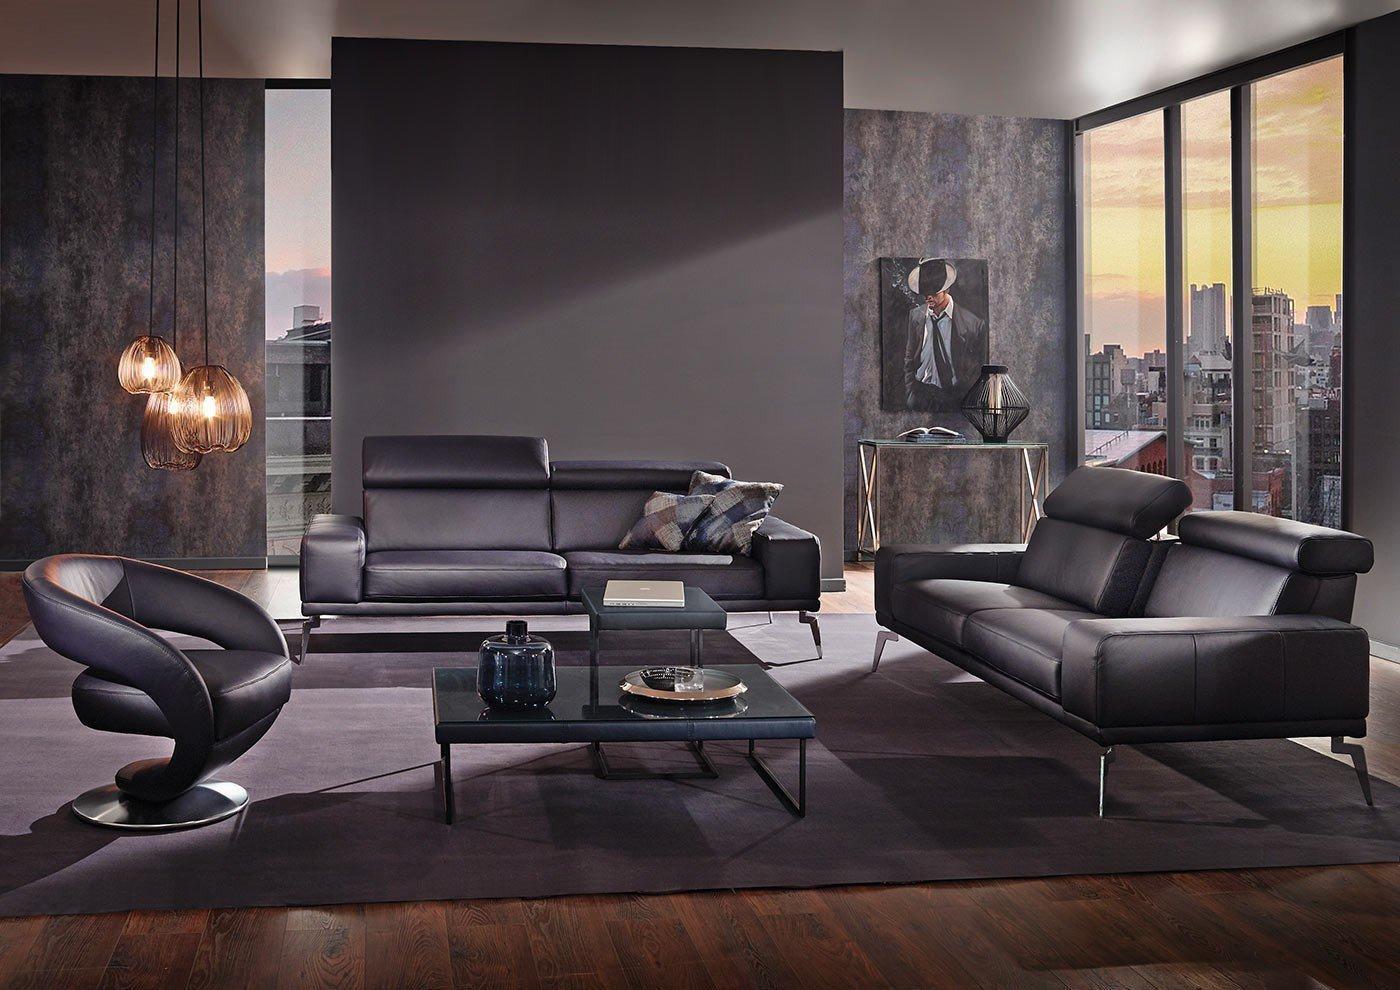 k w polsterm bel angelina 7267 ledergarnitur in schwarz m bel letz ihr online shop. Black Bedroom Furniture Sets. Home Design Ideas